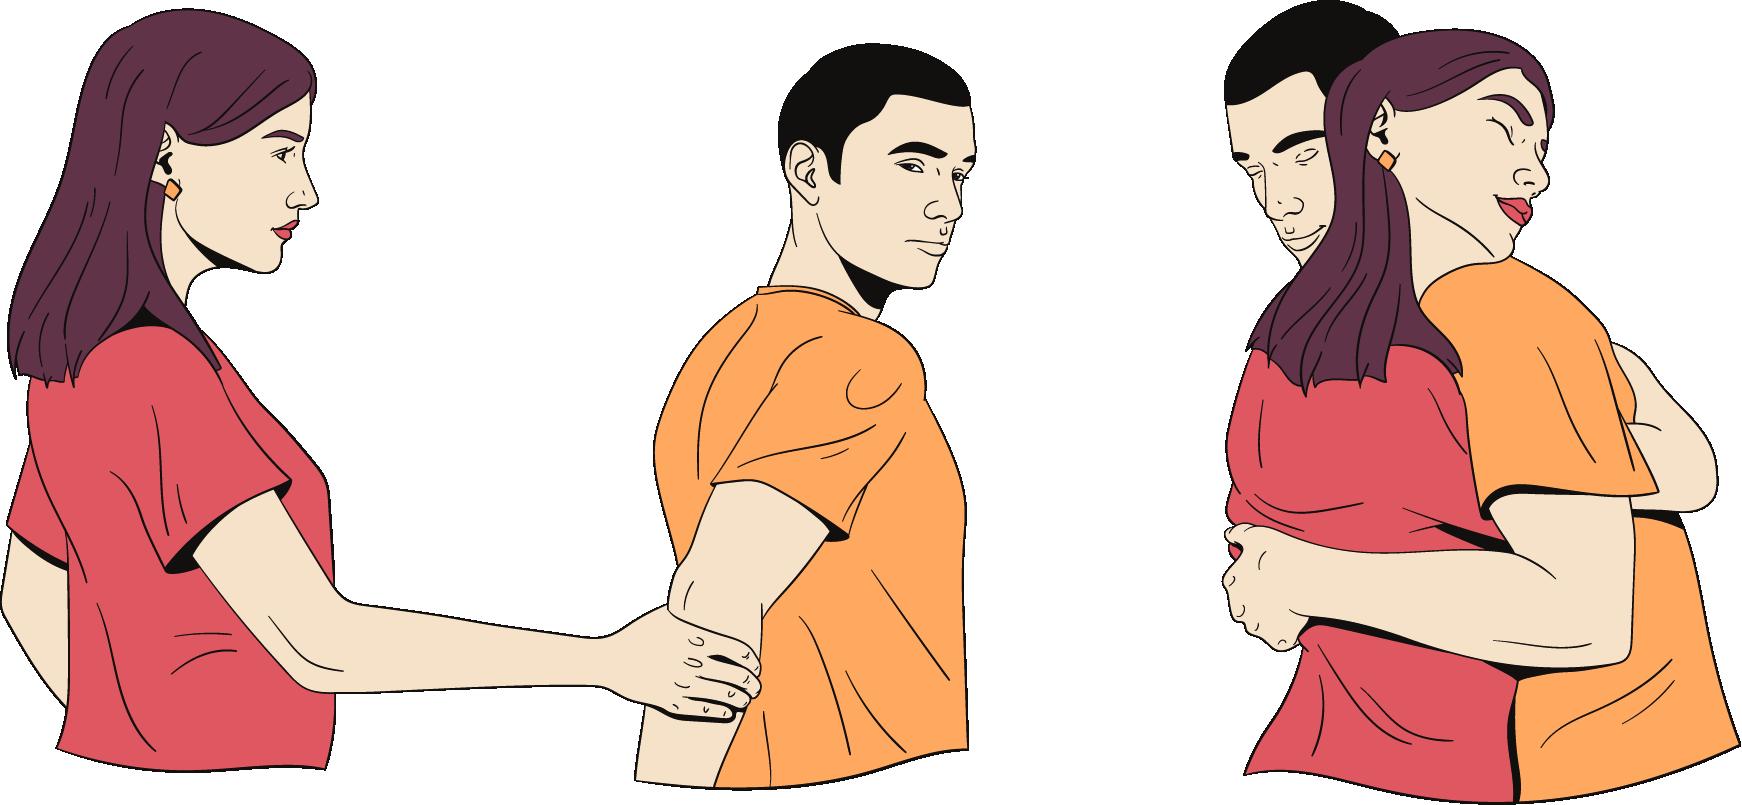 Een vrouw pakt de arm van een man beet om hem weer dichter bij haar te krijgen. Ze knuffelen daarna.